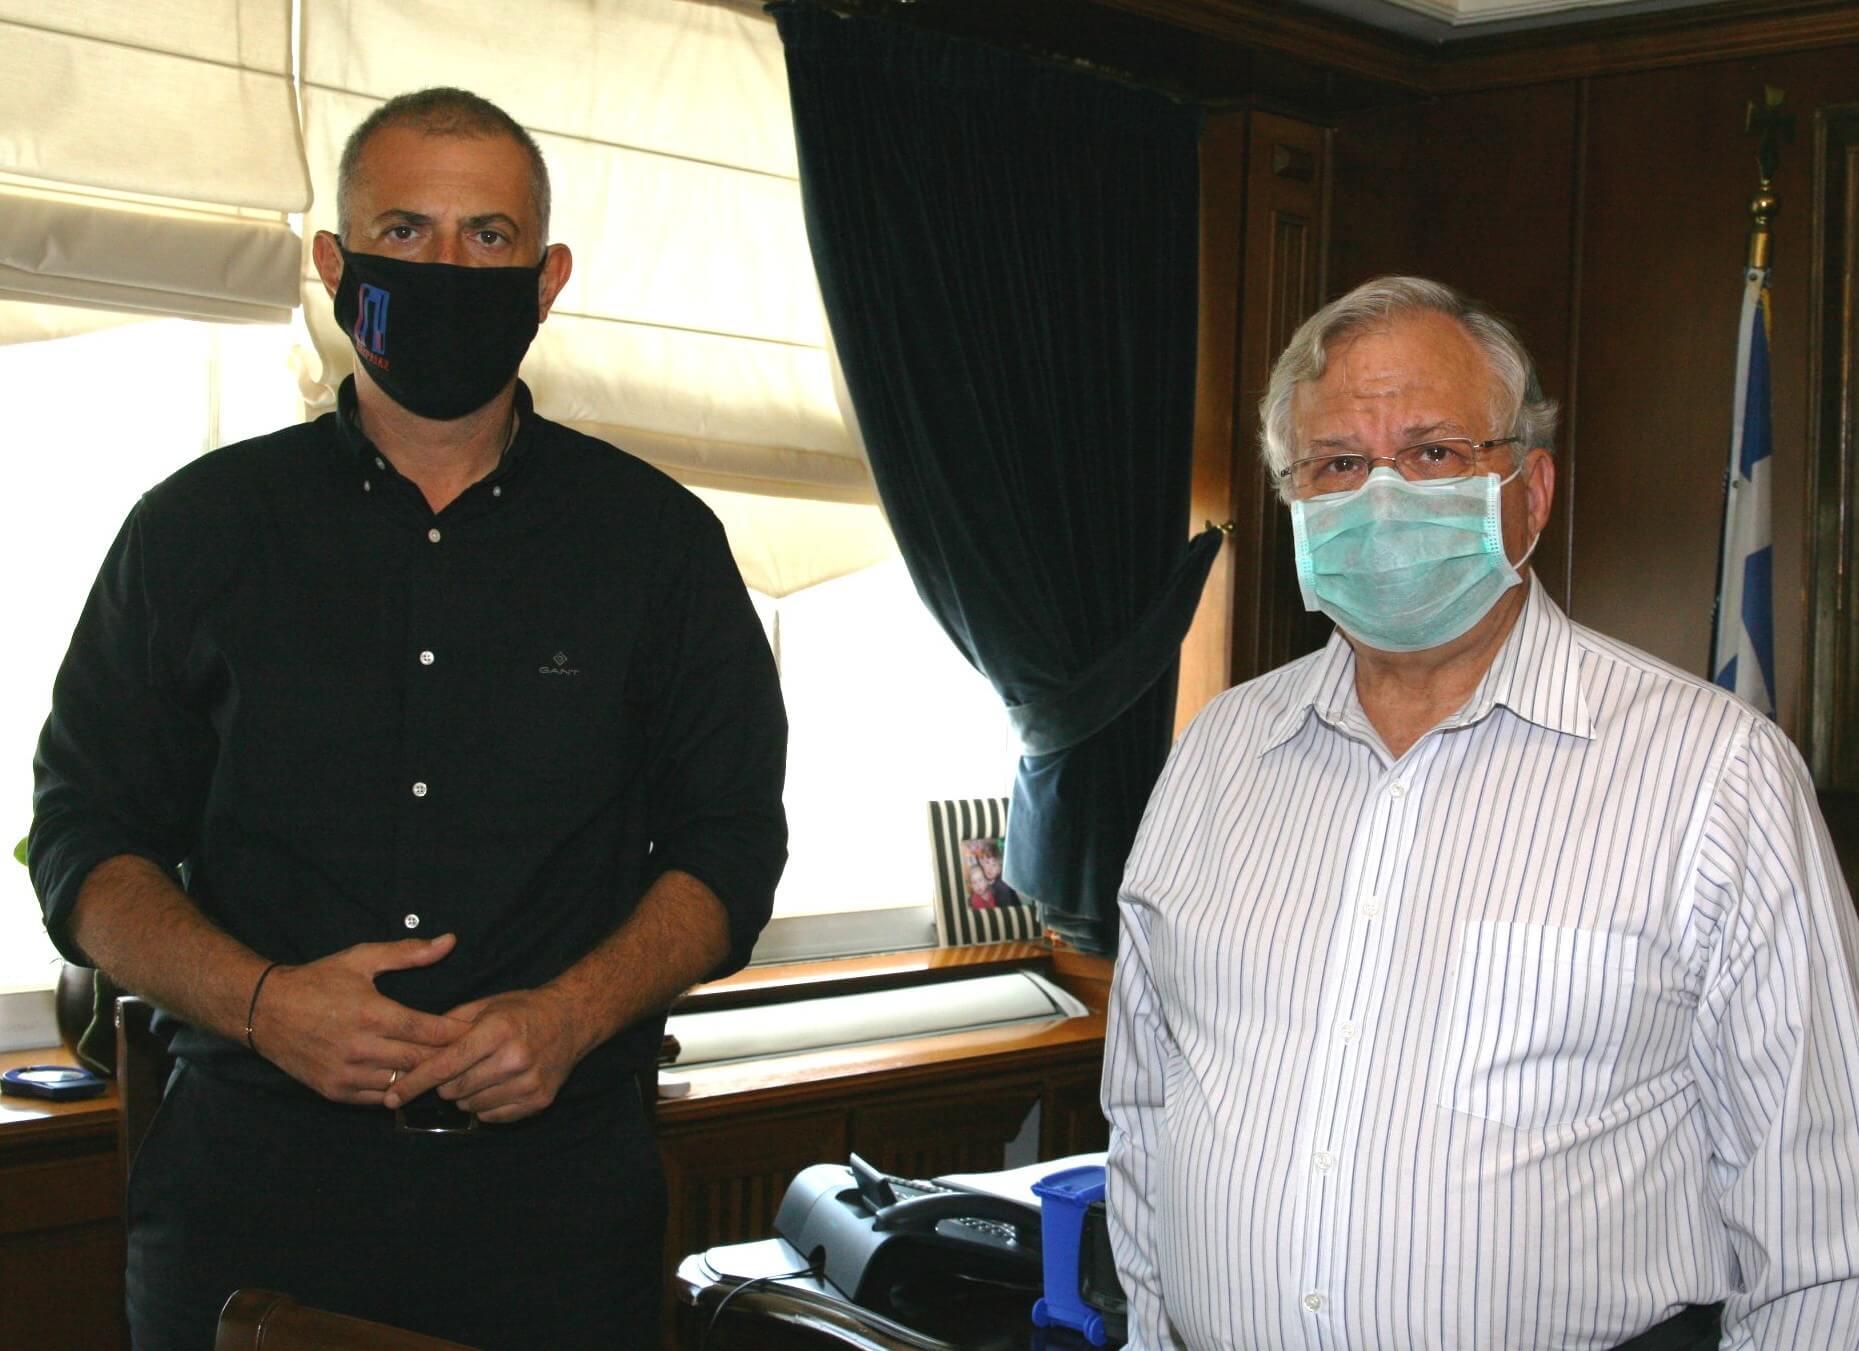 Πειραιάς : Συνάντηση Μώραλη με τον Πρόεδρο του Χαμόγελου του Παιδιού, Κώστα Γιαννόπουλο